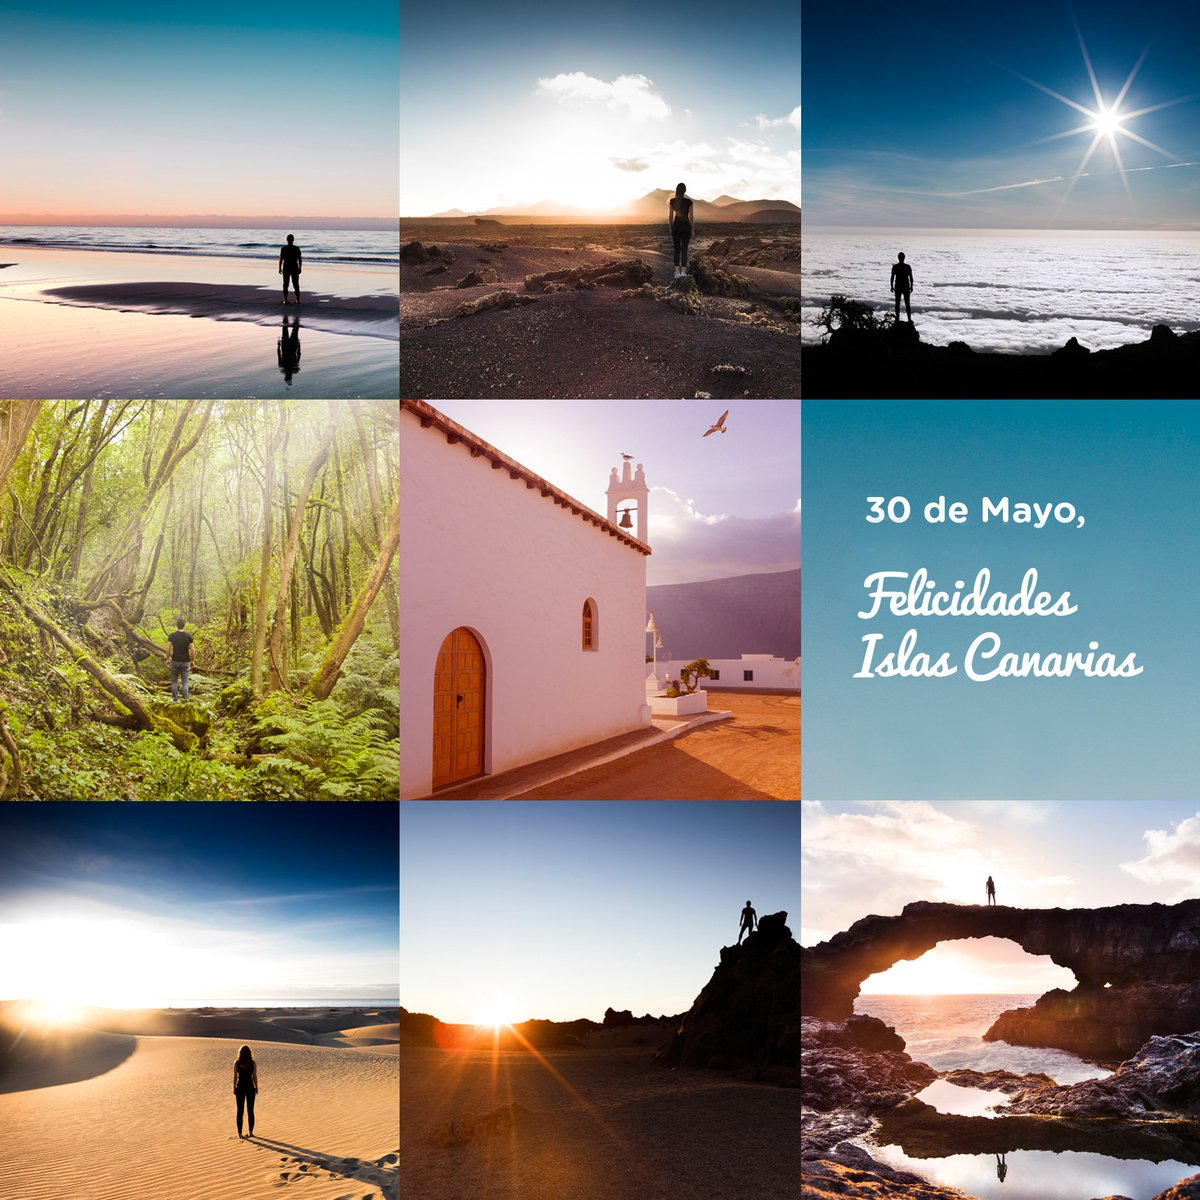 Islas Canarias On Twitter Feliz Día De Las Islascanarias Díadecanarias2017